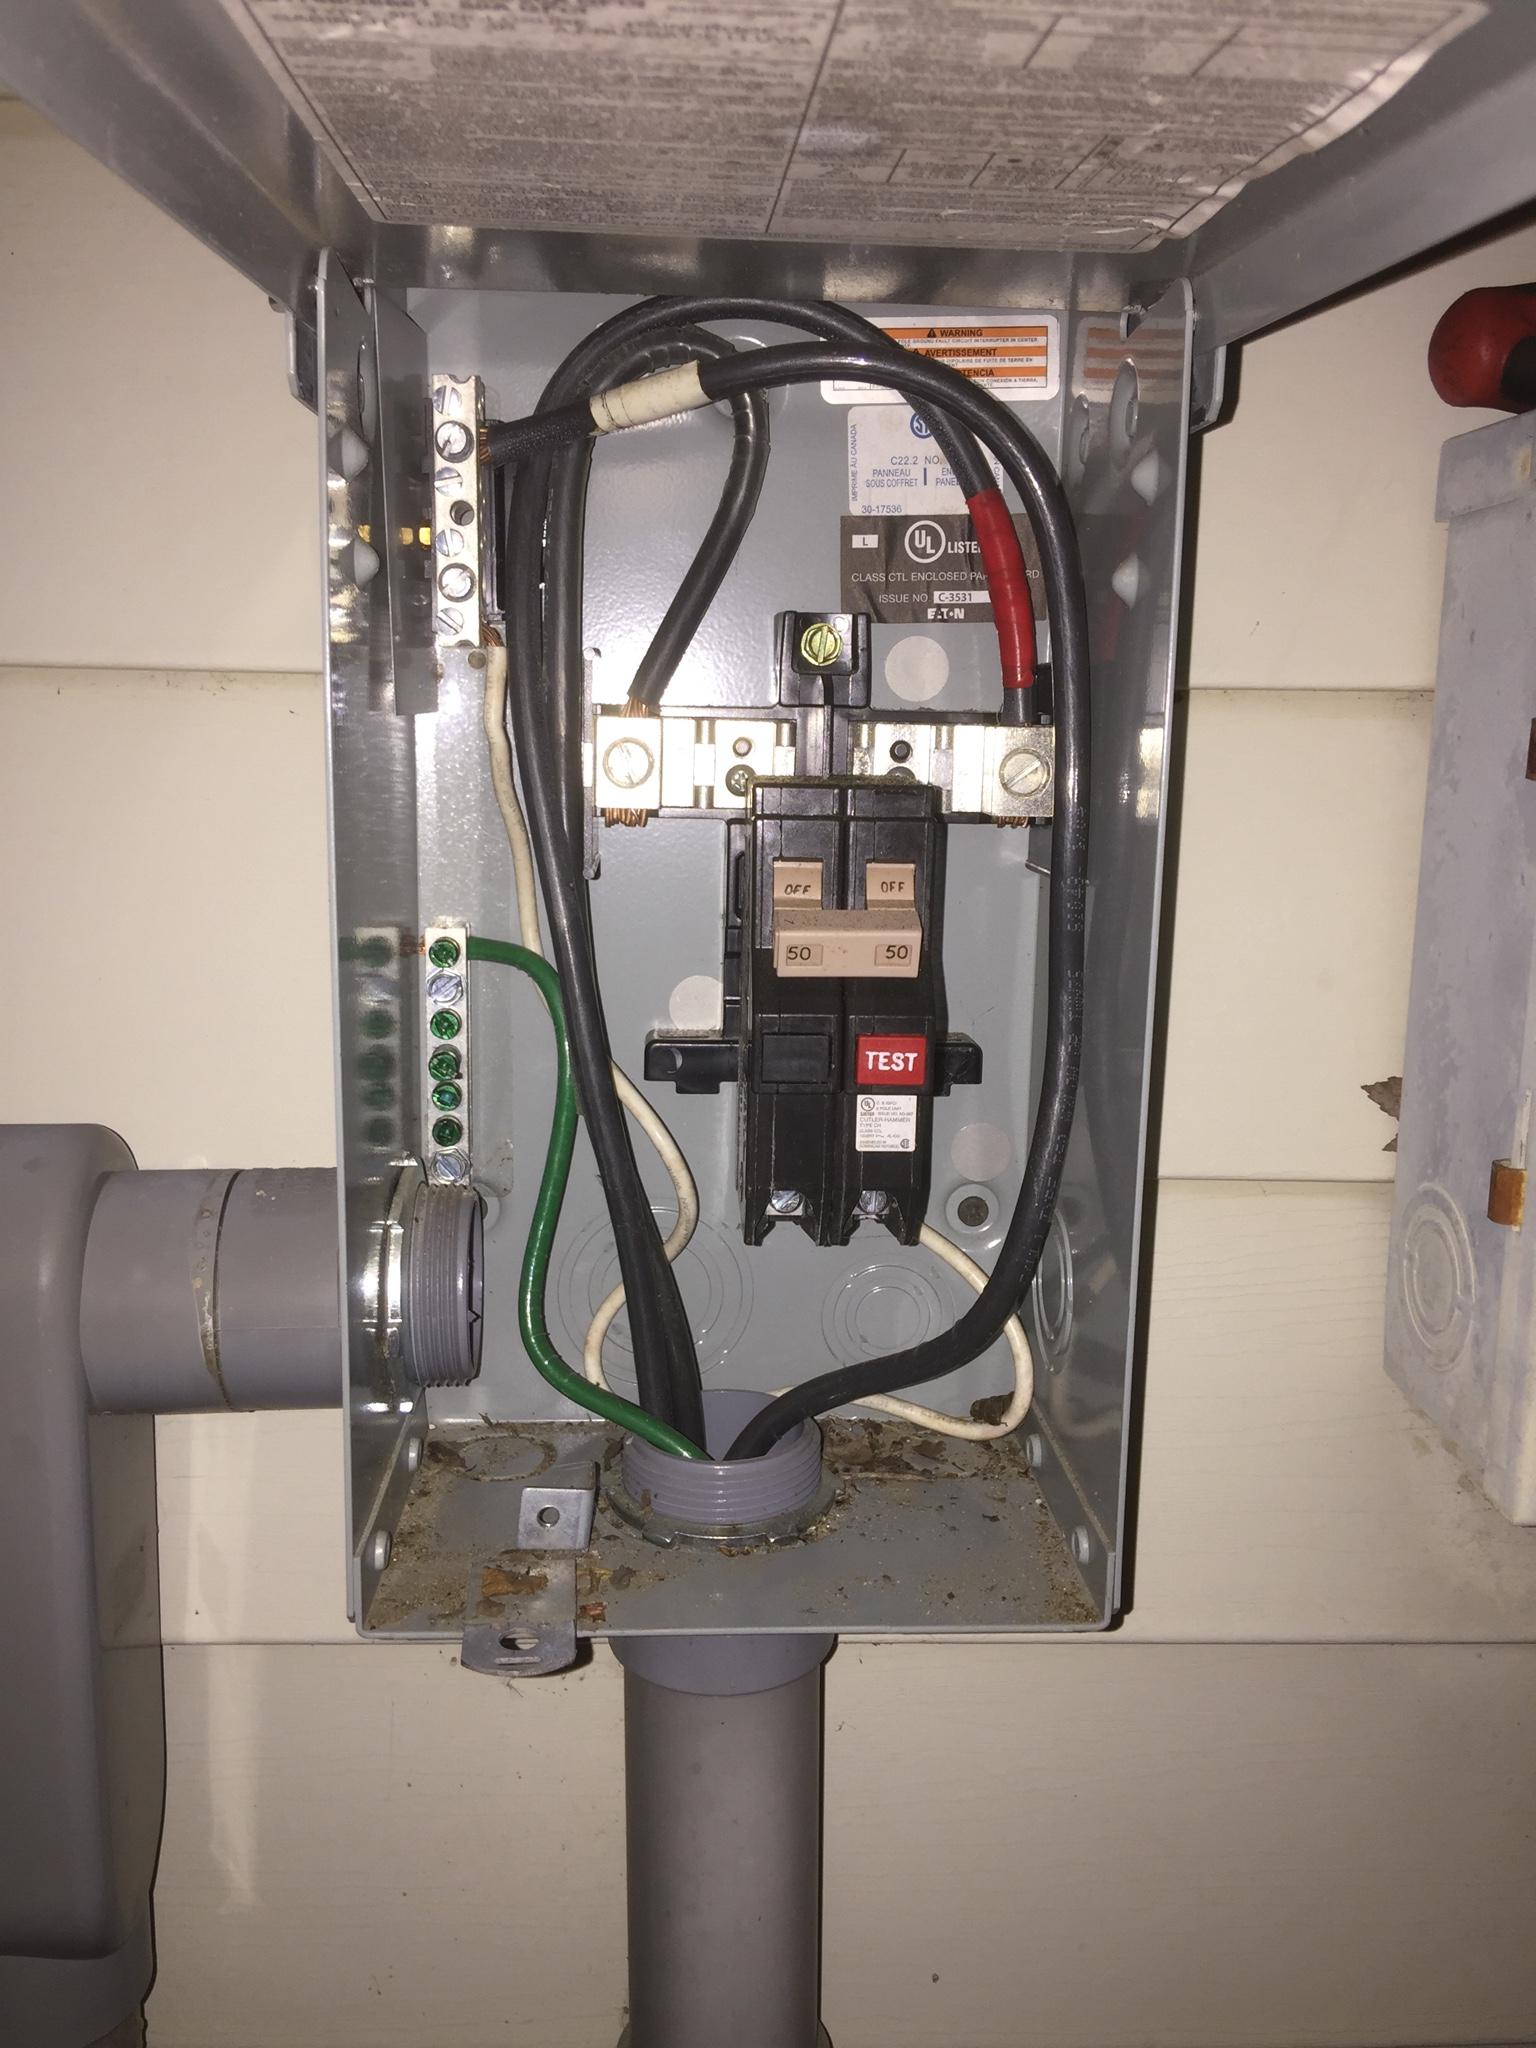 Airtemp Heat Pump Wiring Diagram